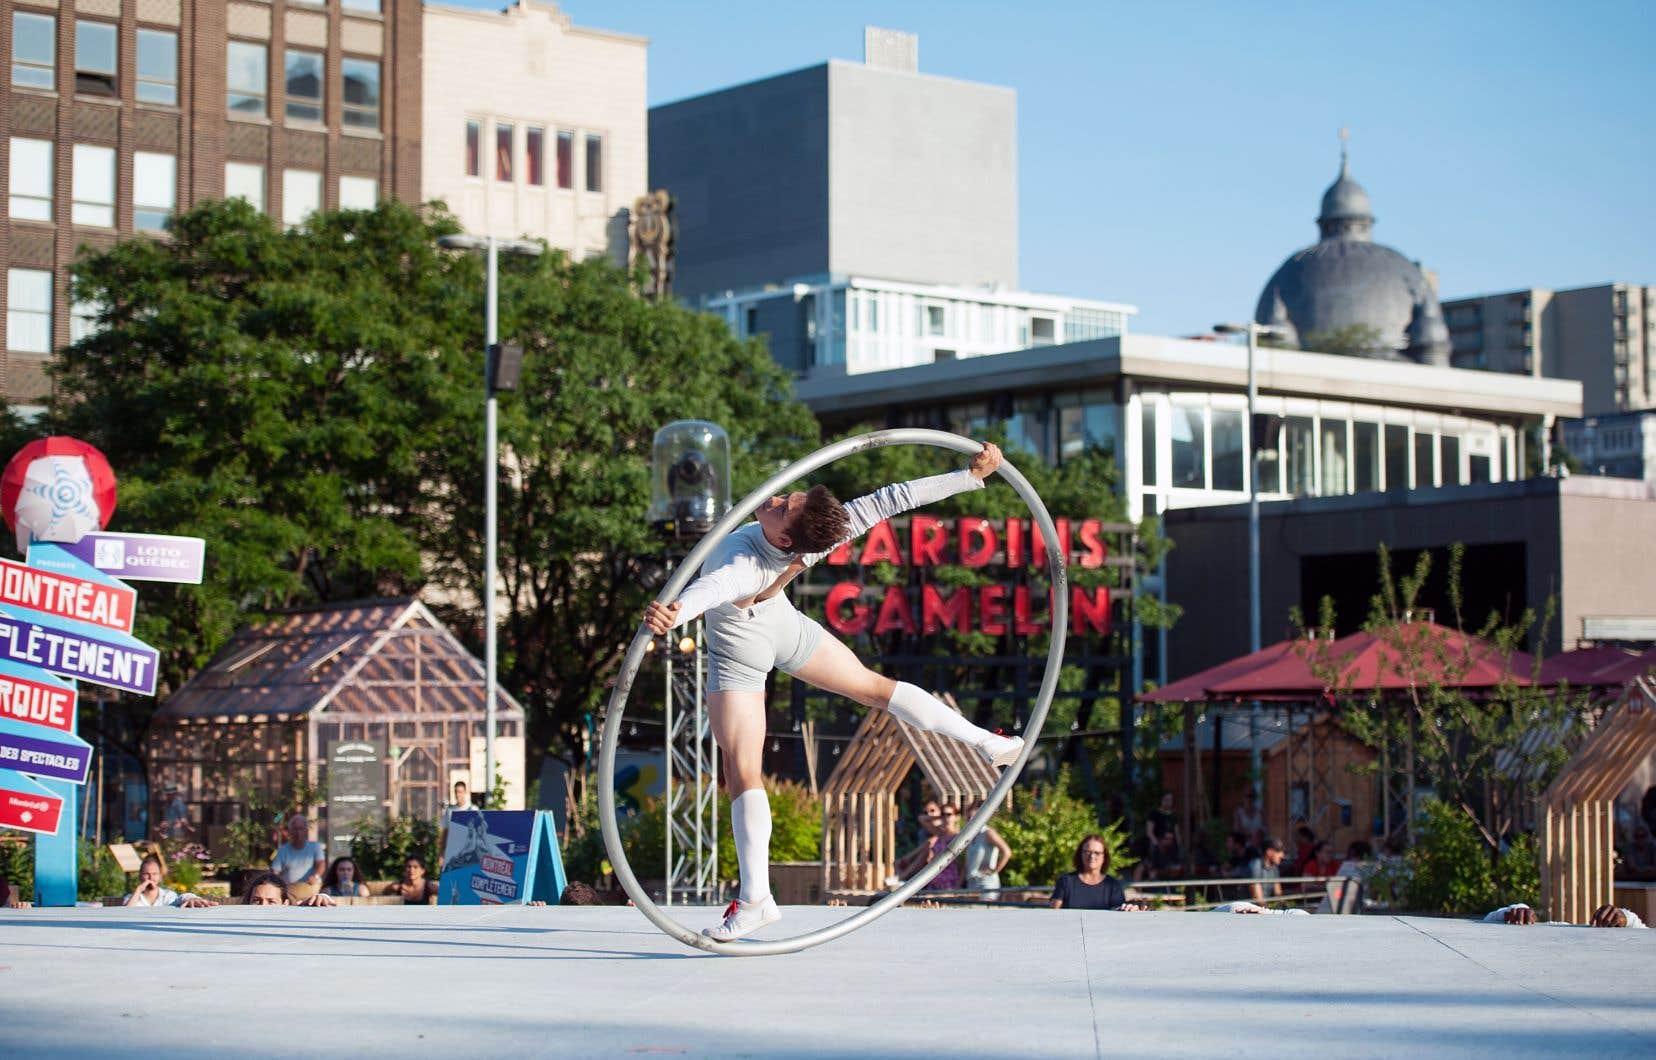 Les artistes du festival Montréal complètement cirque ont investi la place Émilie-Gamelin l'été dernier.